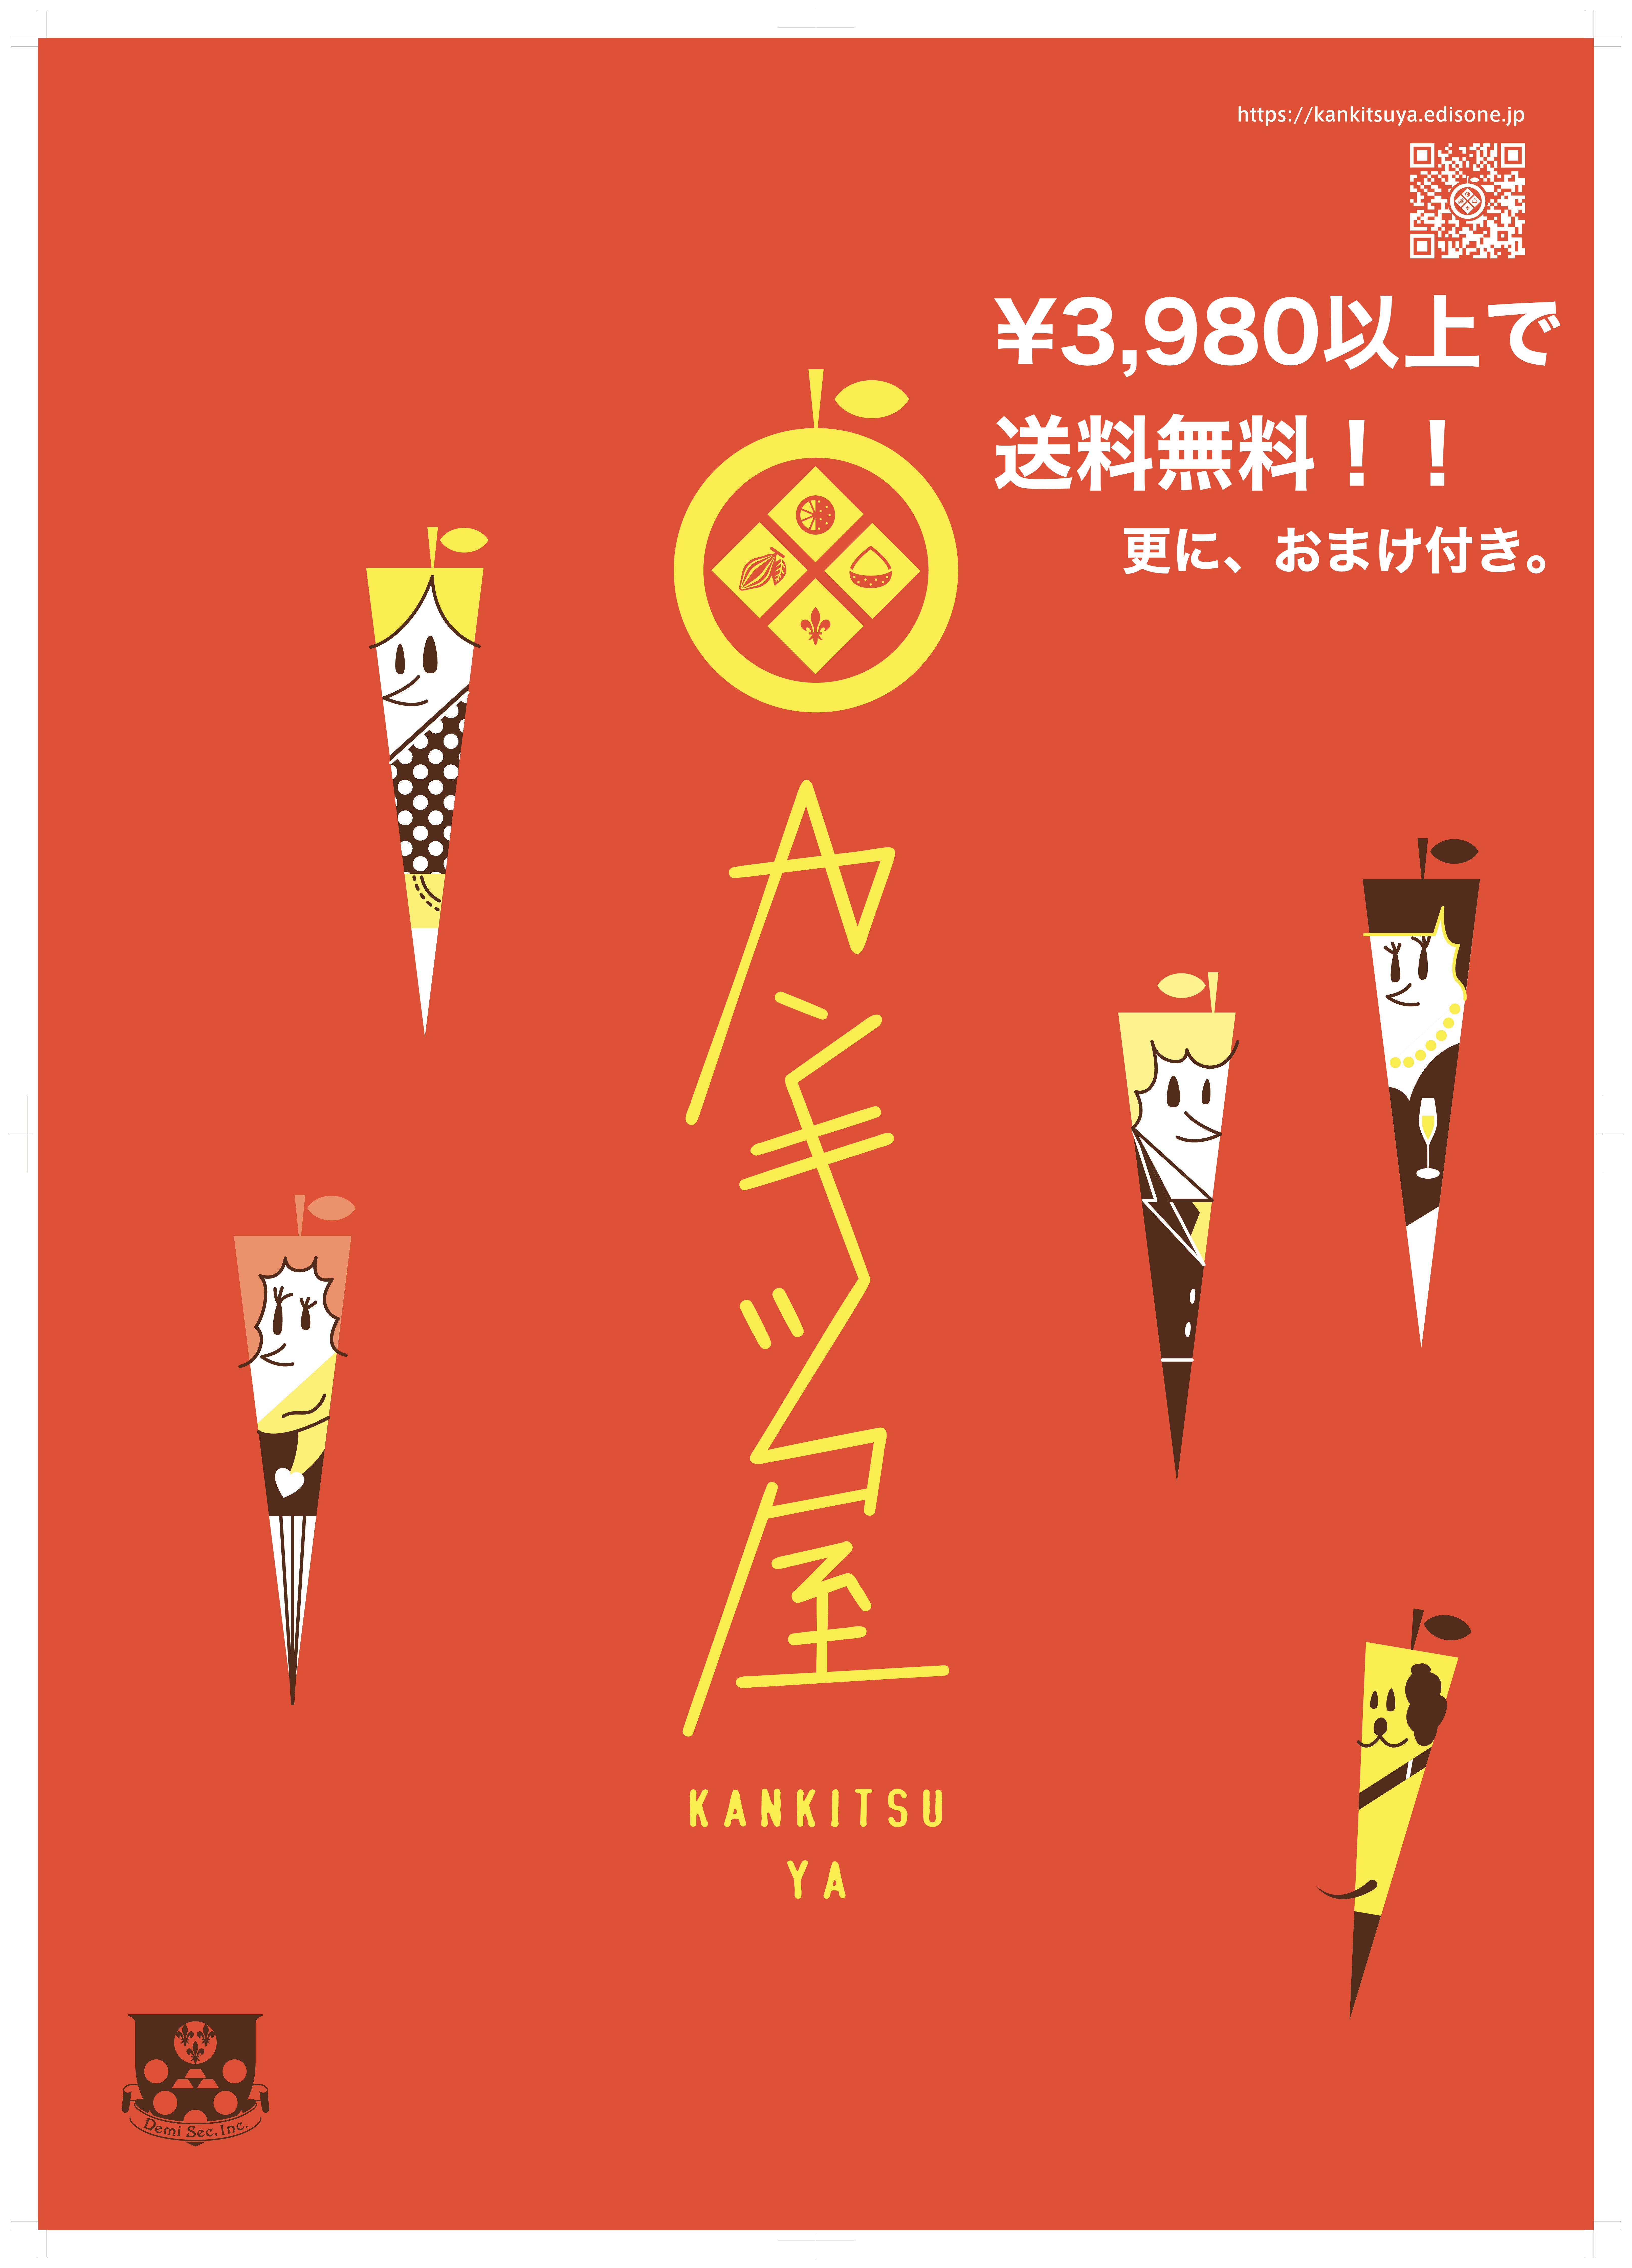 焼菓子とオランジェット専門店 カンキツ屋